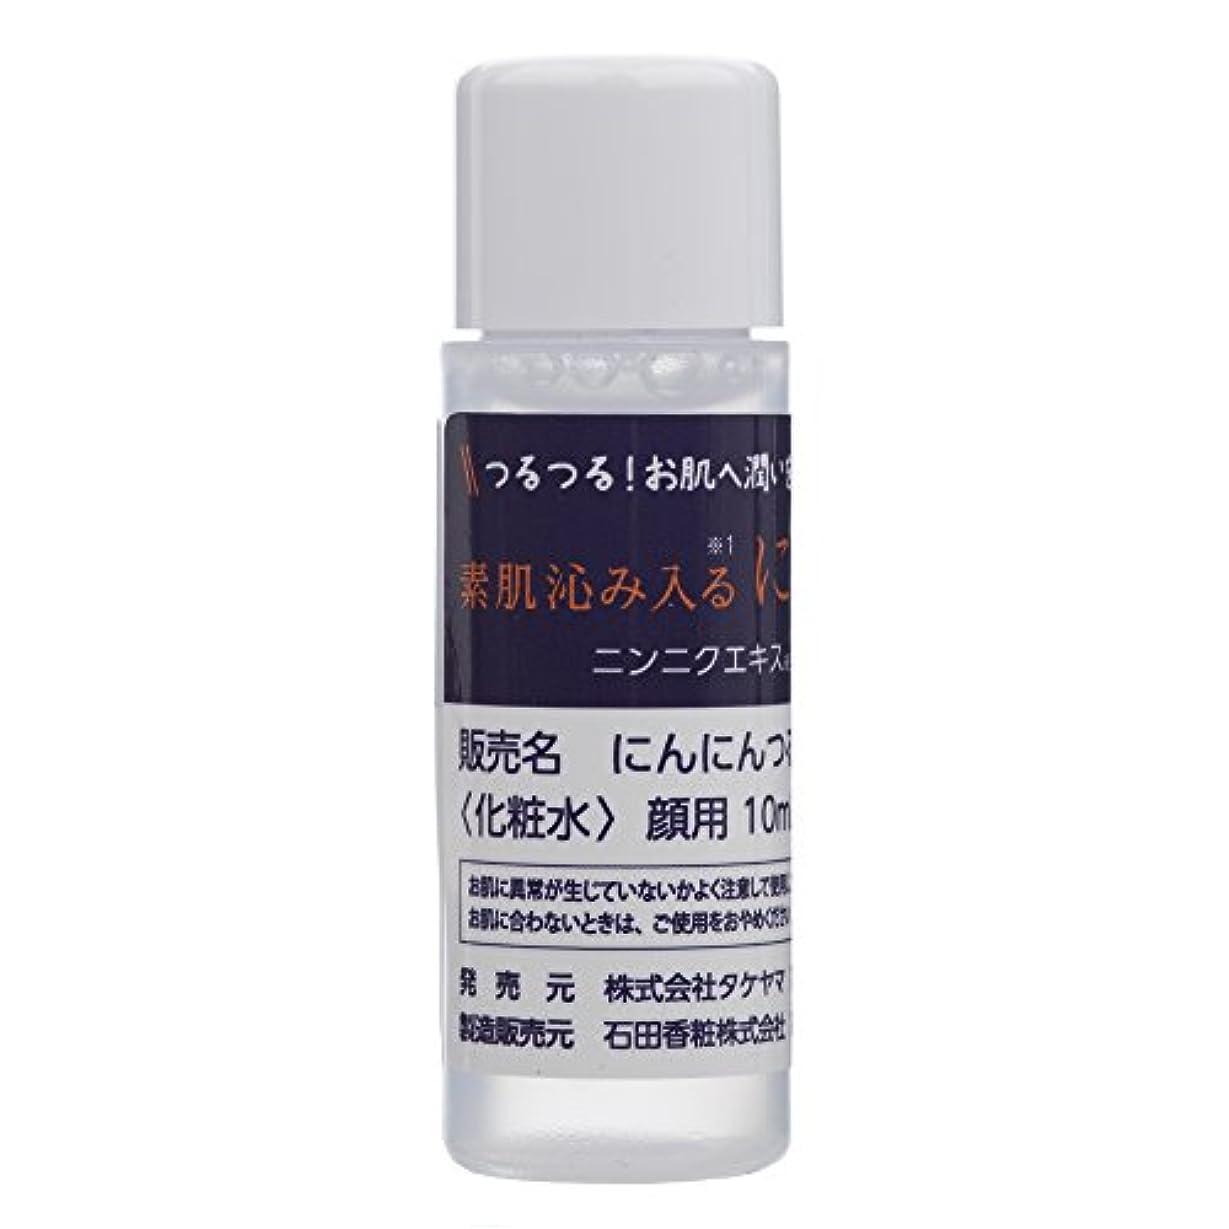 管理します凍ったくしゃくしゃにんにんつるり お肌の健康と潤いを保つ化粧水です。 10ml